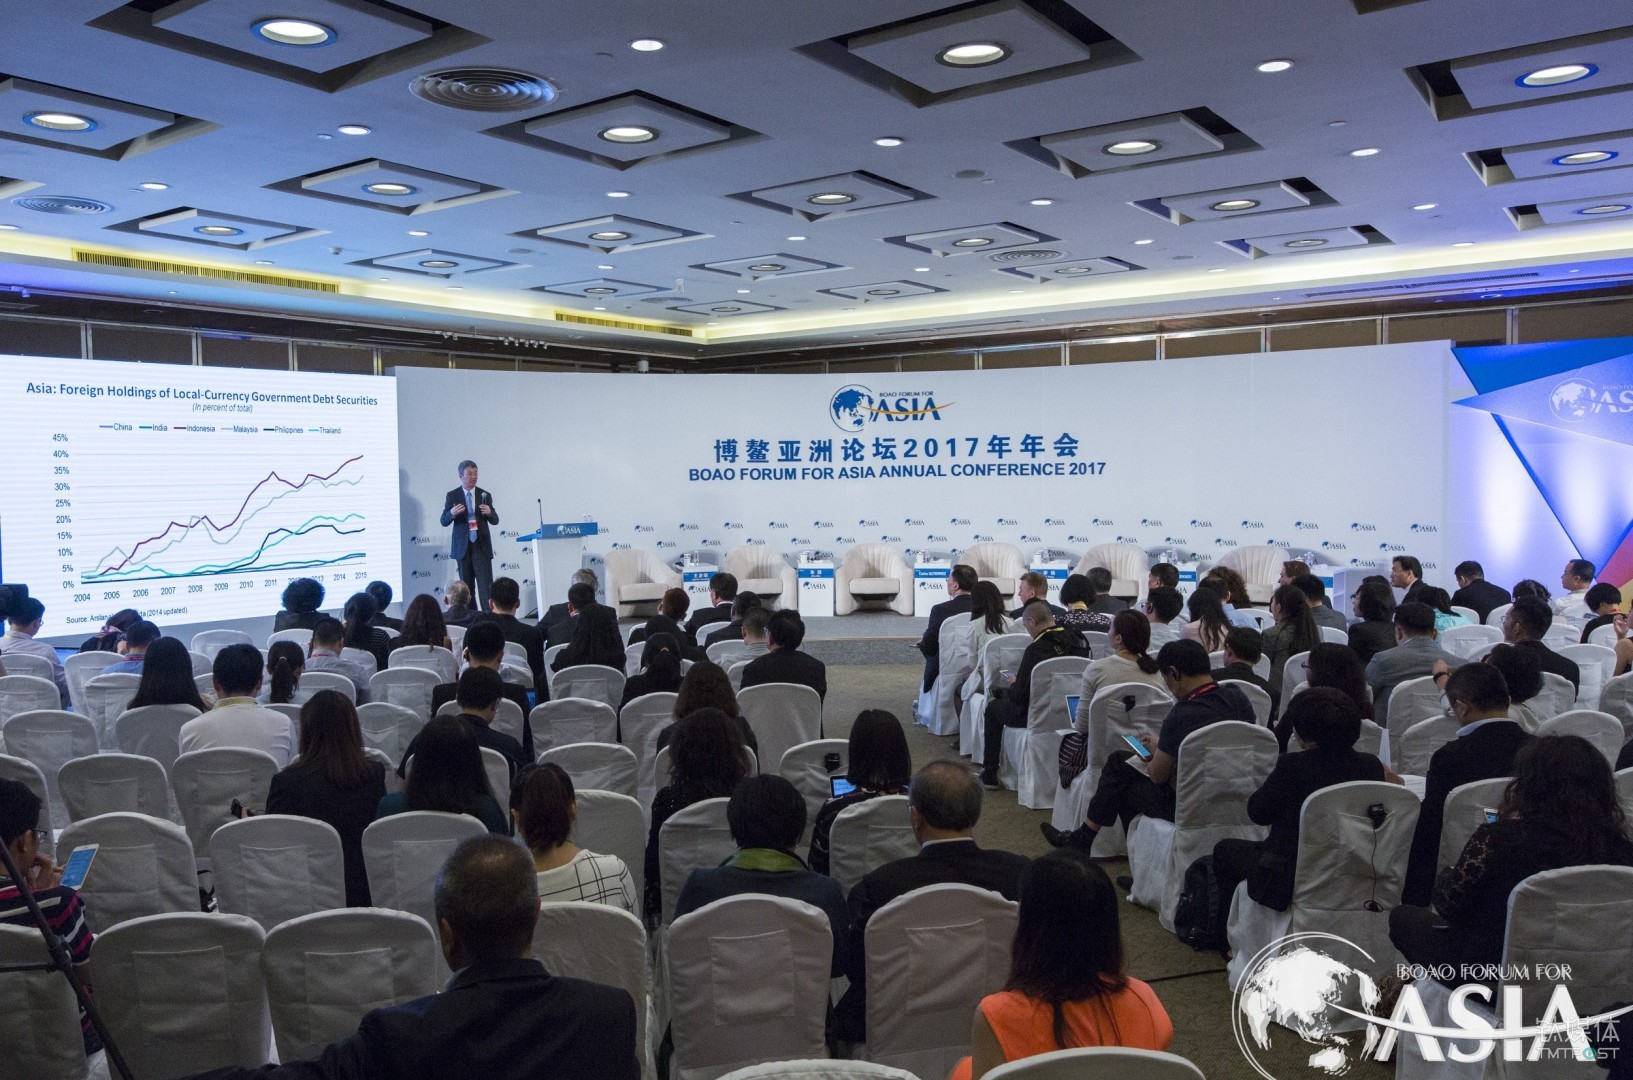 2017博鳌论坛《亚洲经济前瞻指数》发布会现场